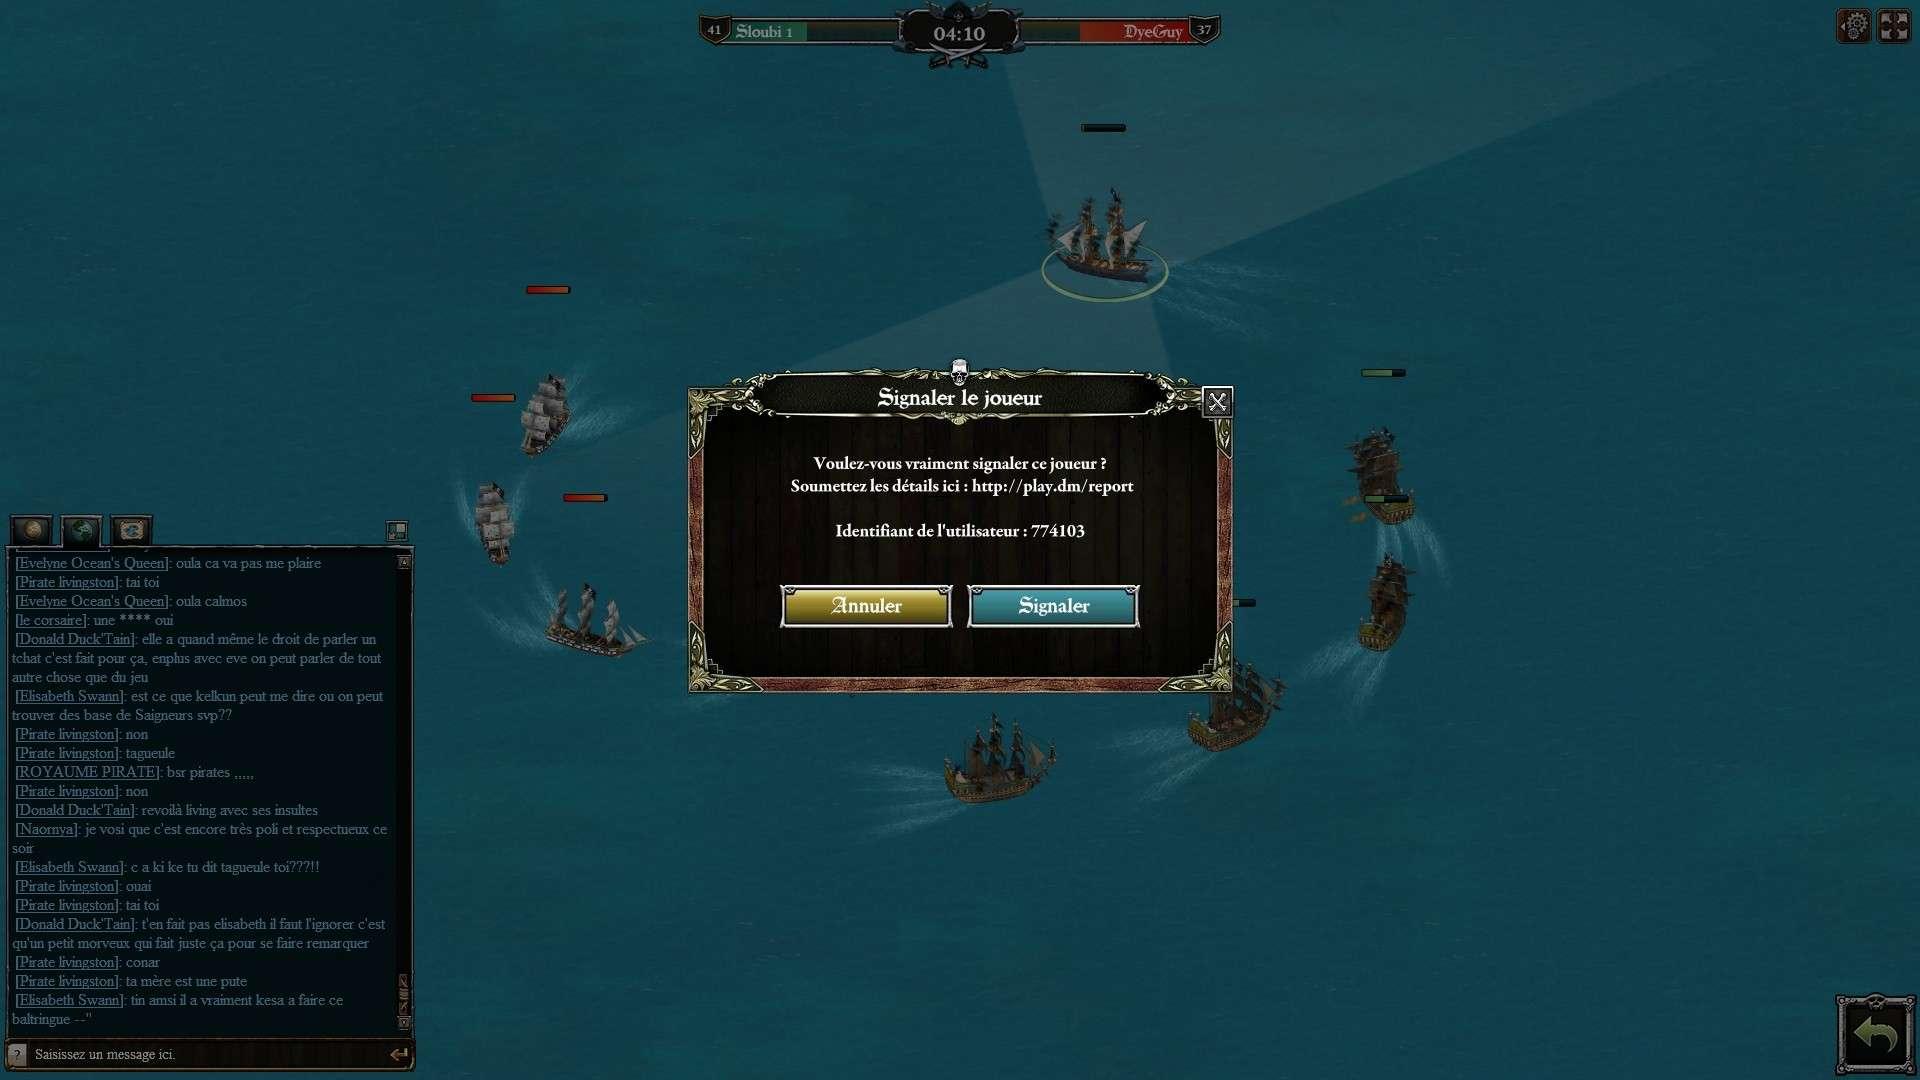 Pirate Livingstone Pirate12